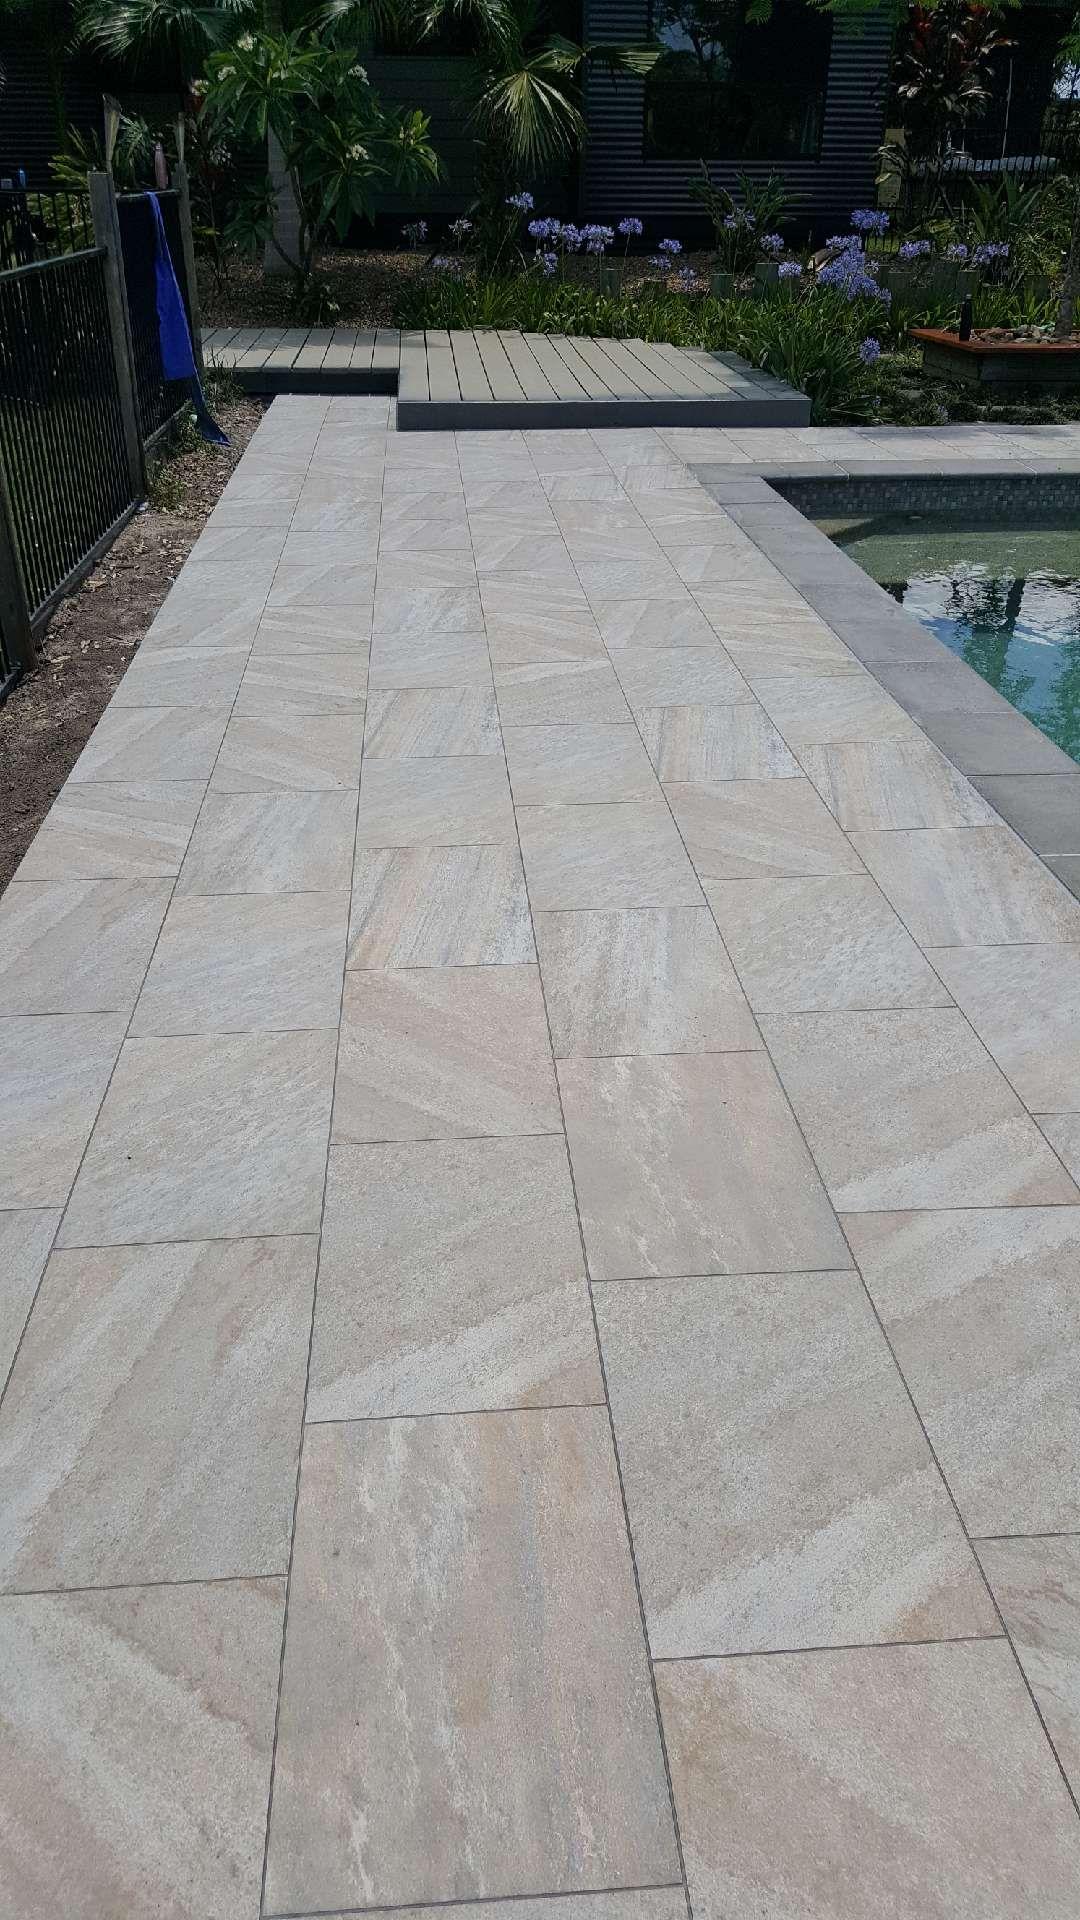 Ngela Gris Outdoor Pool Tile Outdoor Tiles Nerang Outdoor Pool